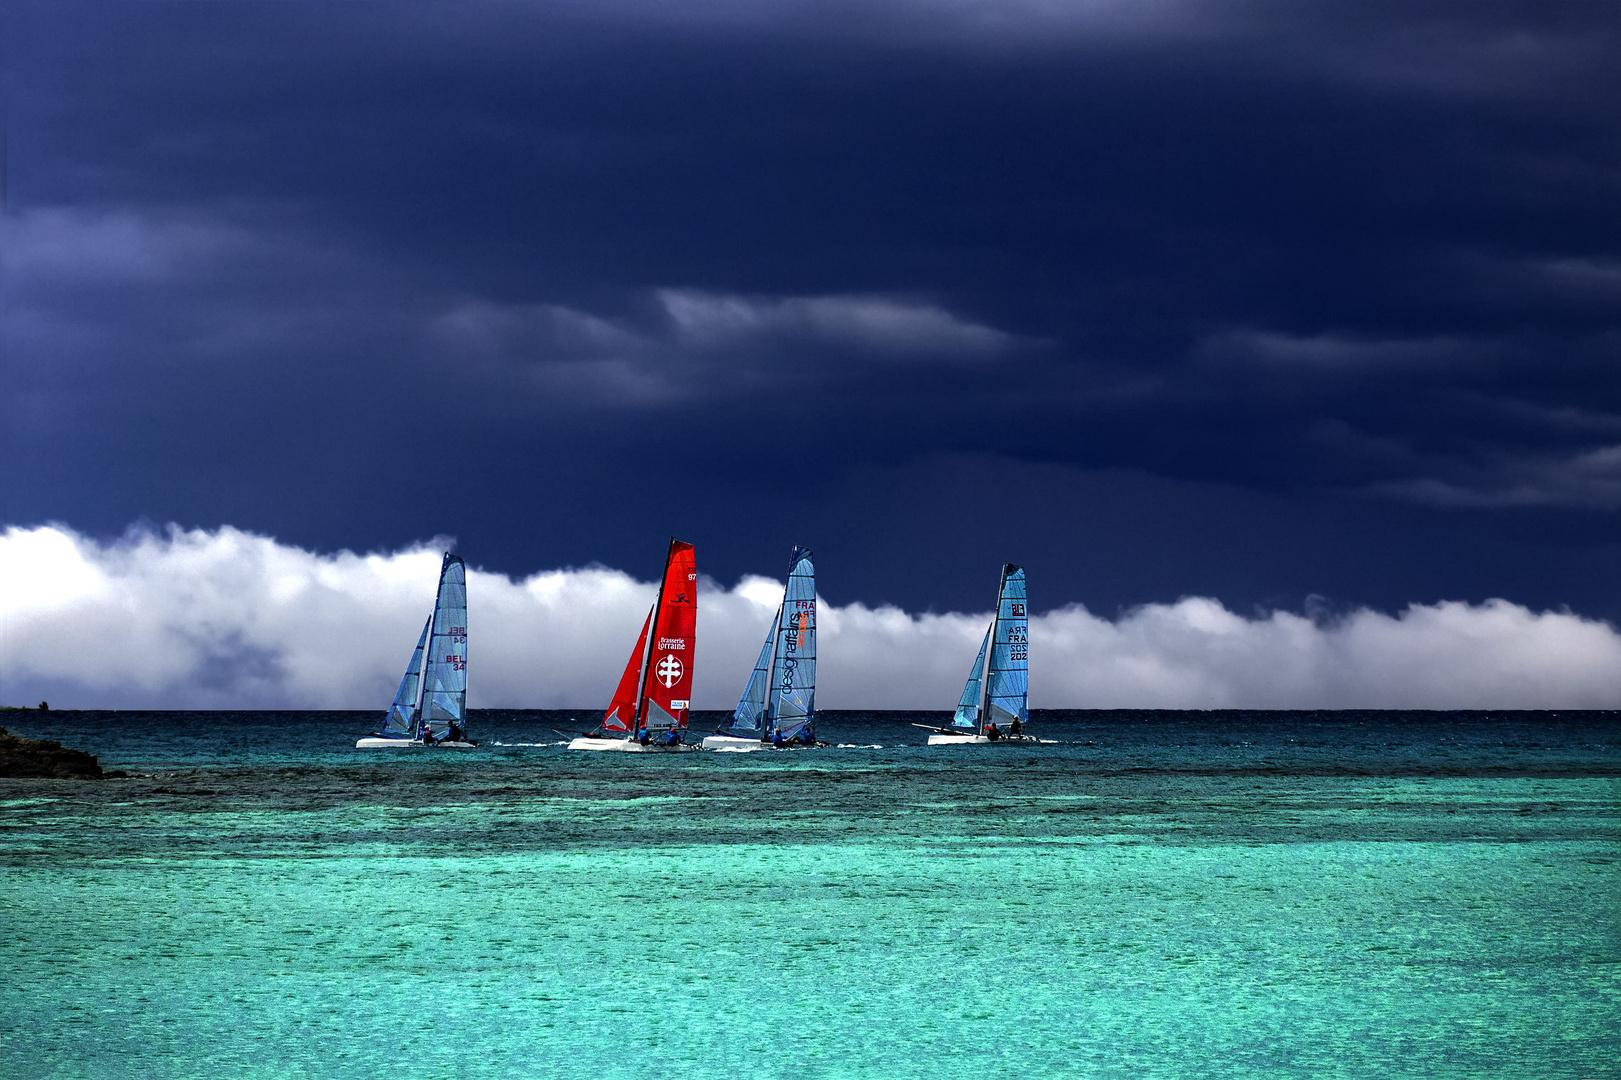 Régate de catamarans